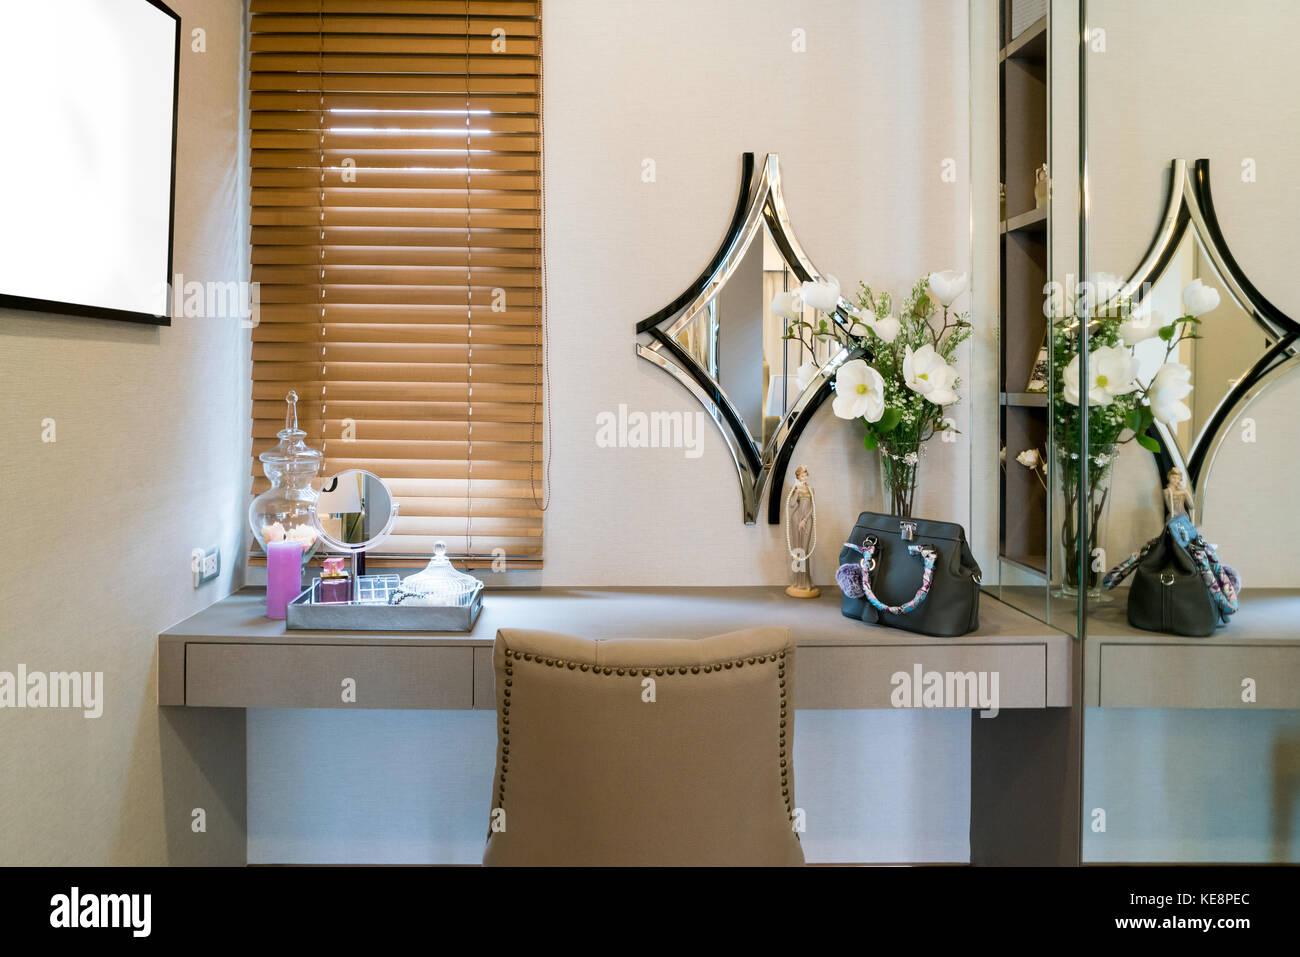 chambre moderne avec douche maquillage coiffeuse miroir cosm tique et produit en t l vision. Black Bedroom Furniture Sets. Home Design Ideas